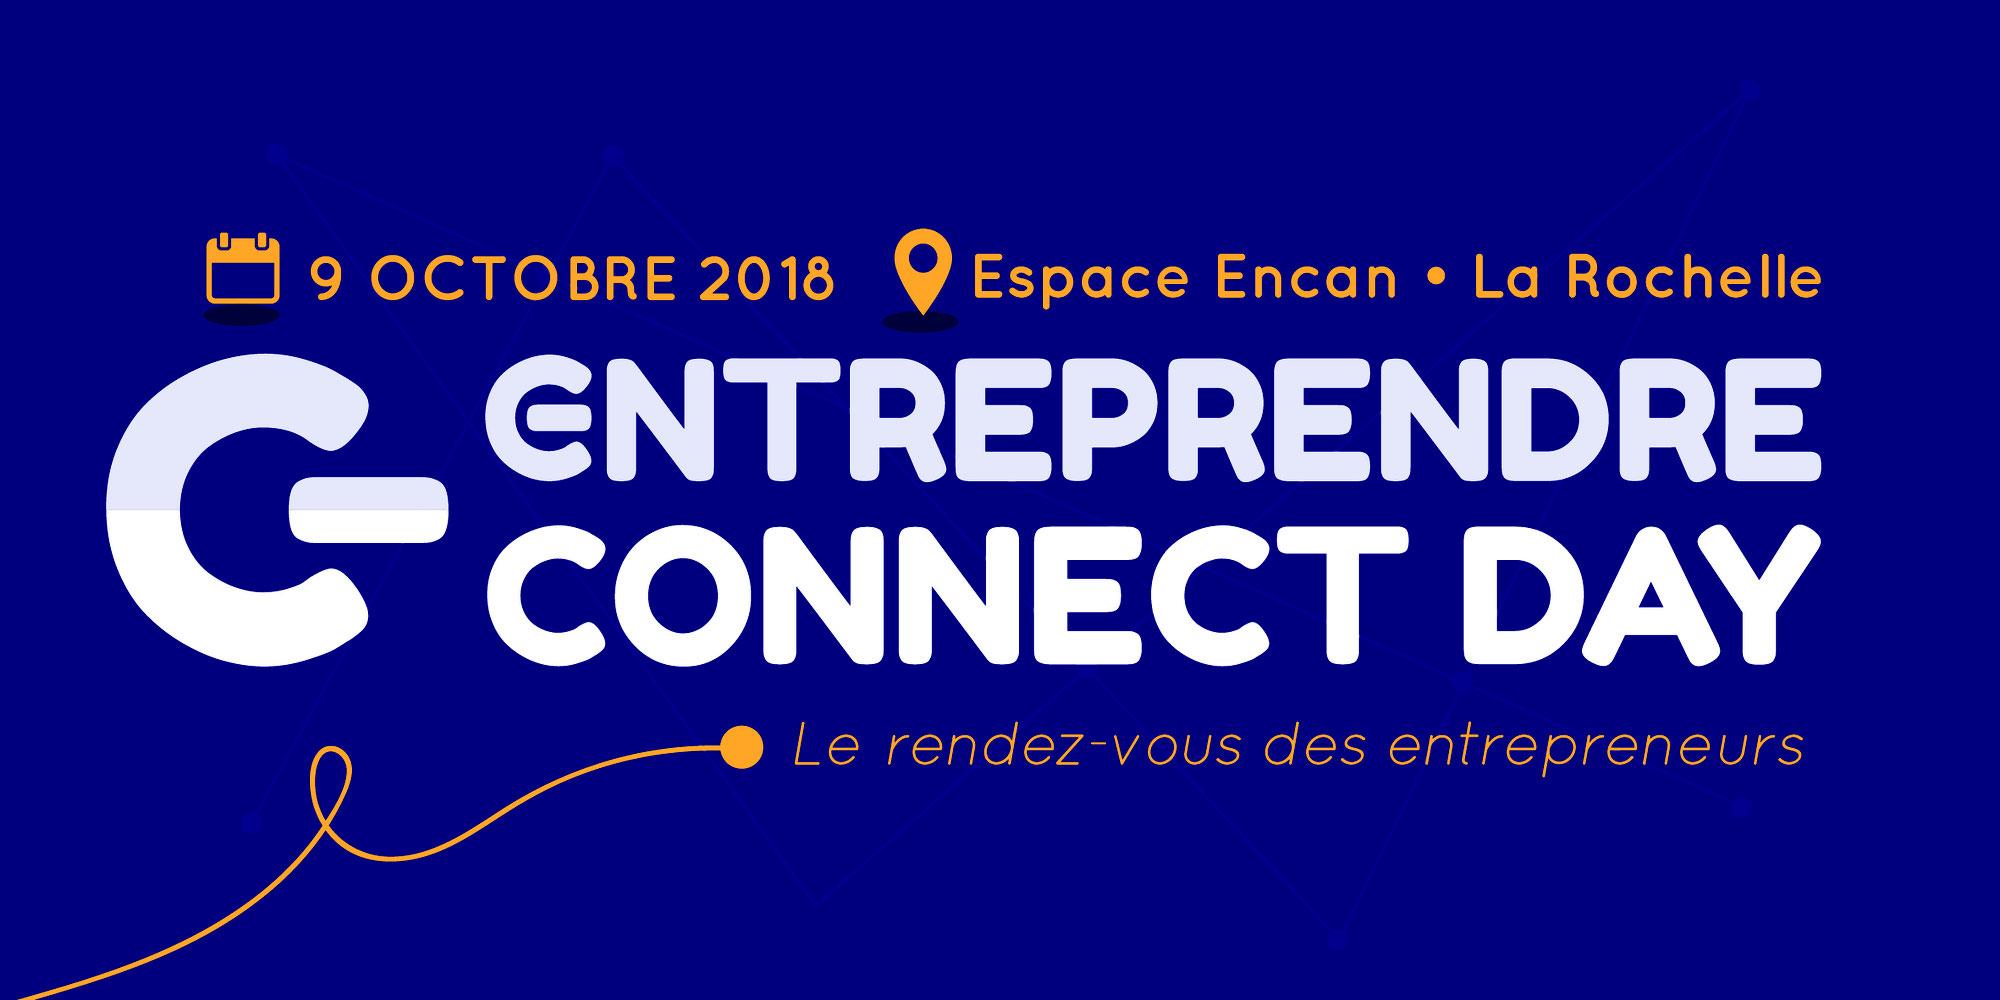 Le rendez-vous des Entrepreneurs Made in La Rochelle is back !!